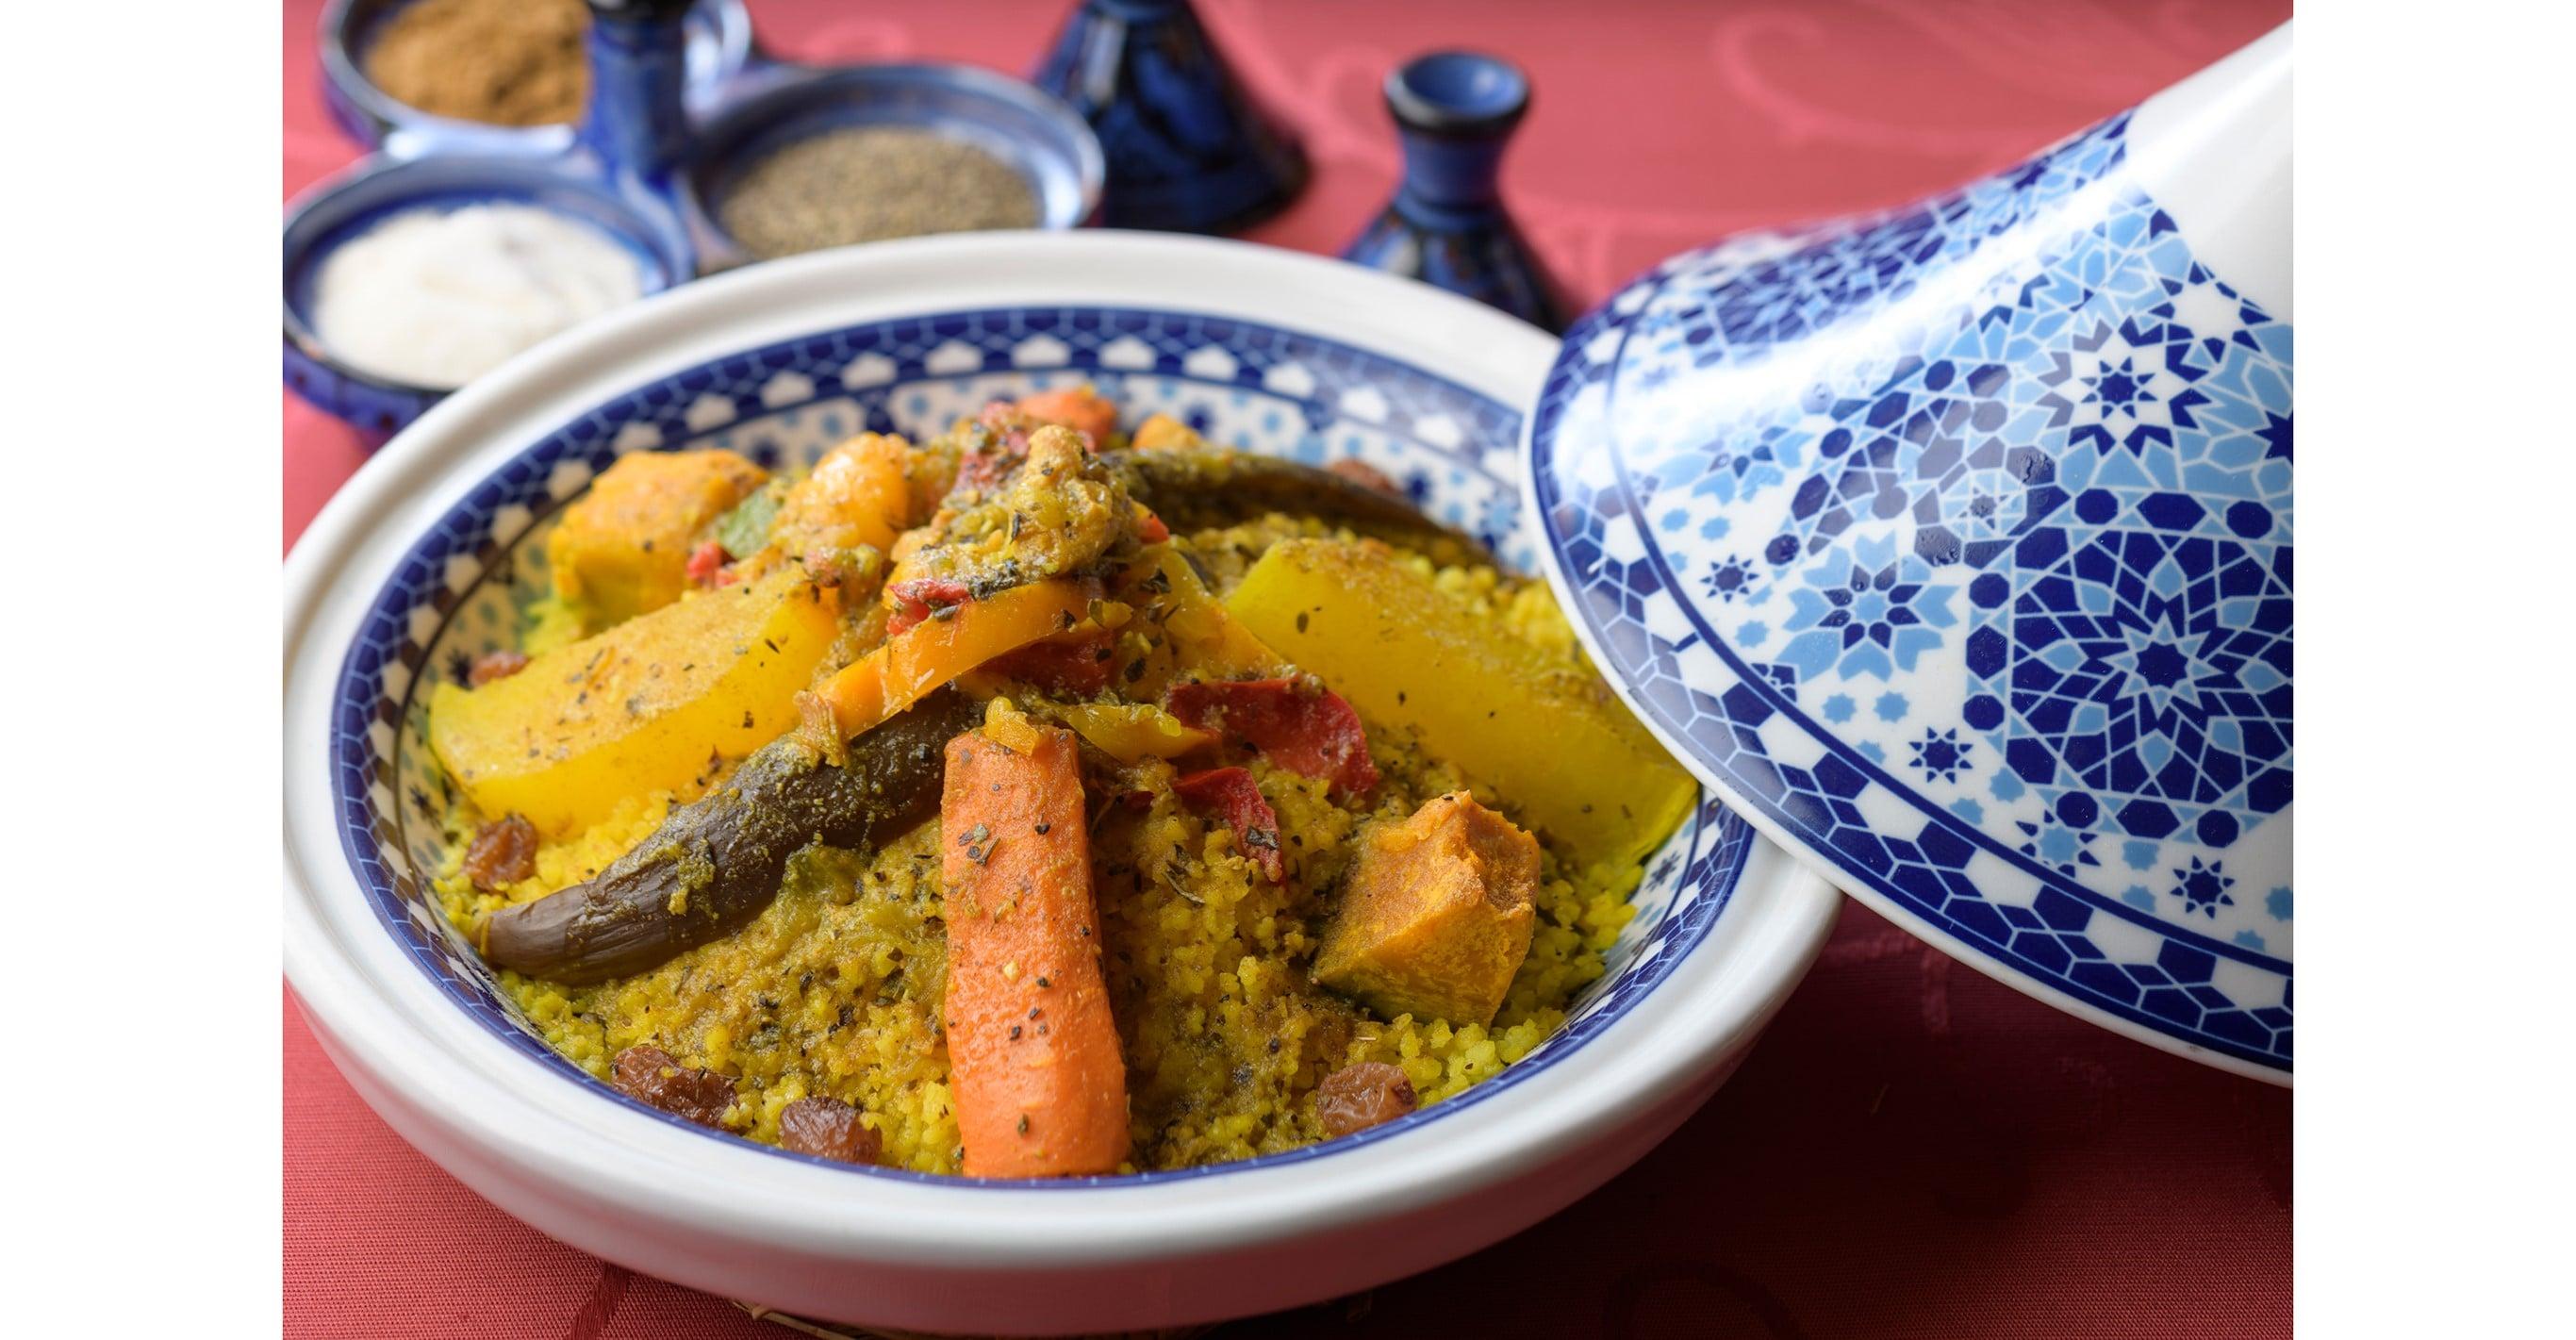 スパイスの香りがエキゾチックな「チキン野菜 タジン」。